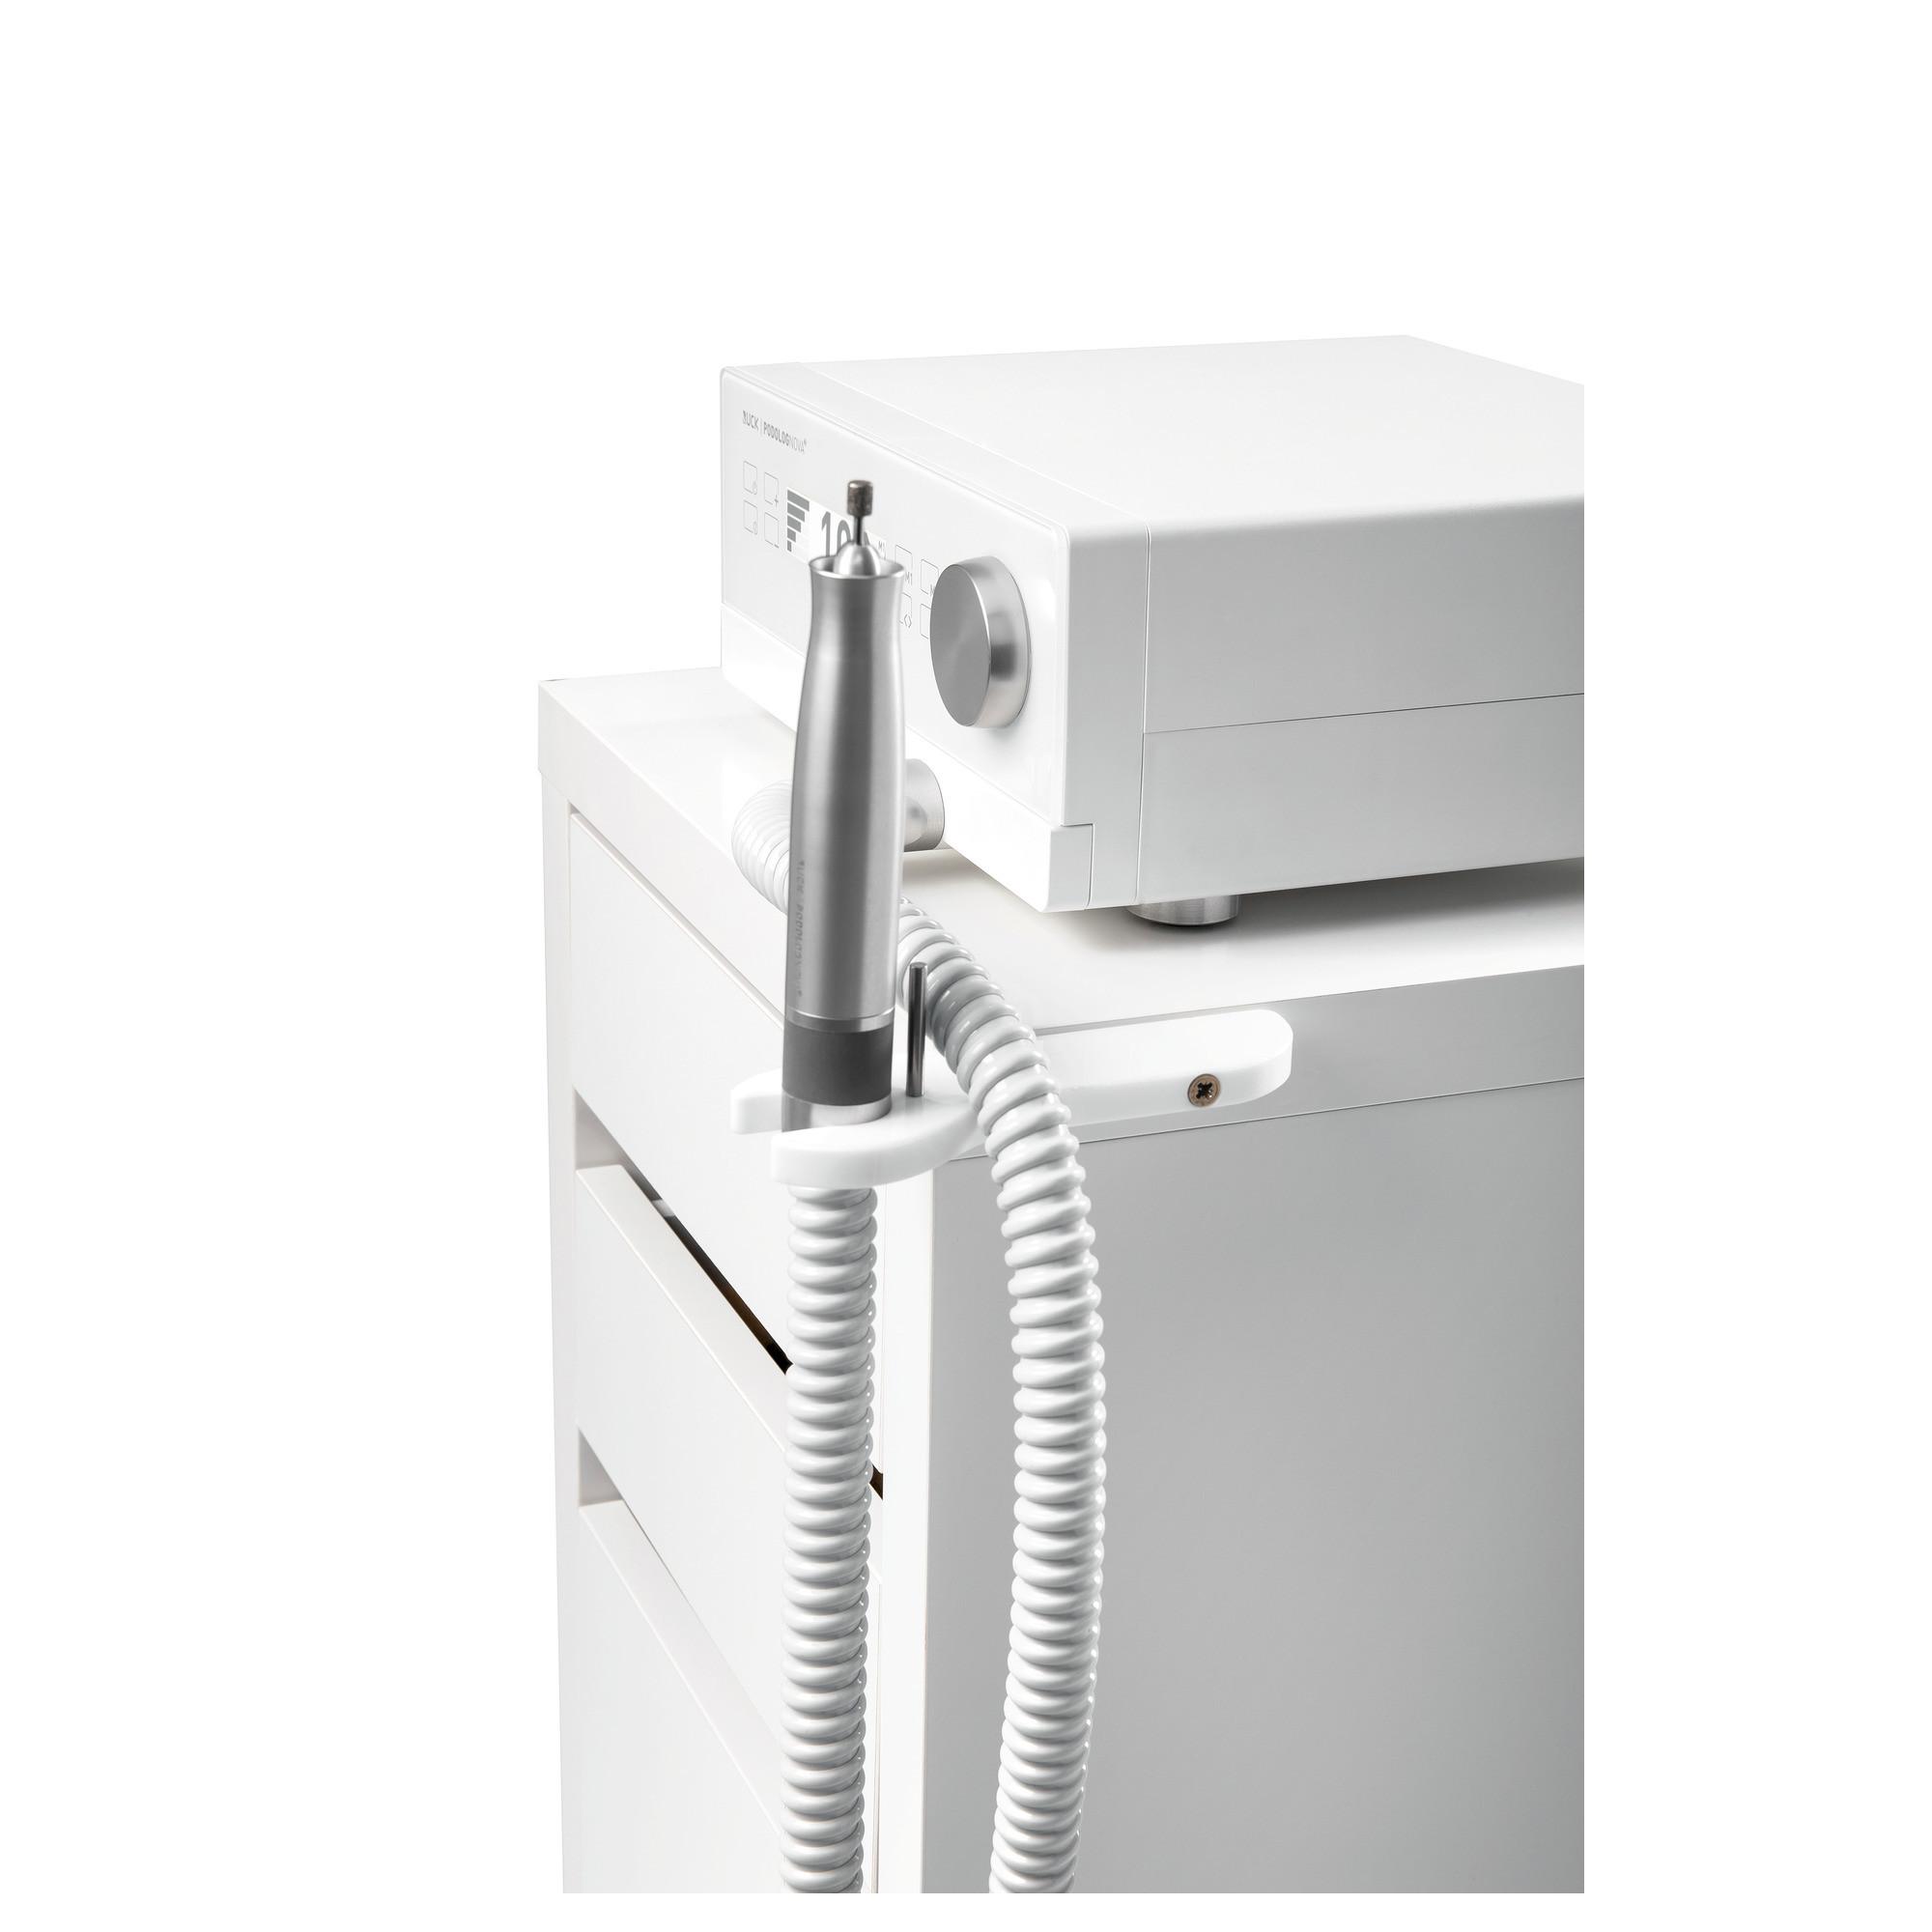 Support de pièce à main pour armoire murale ou extérieure